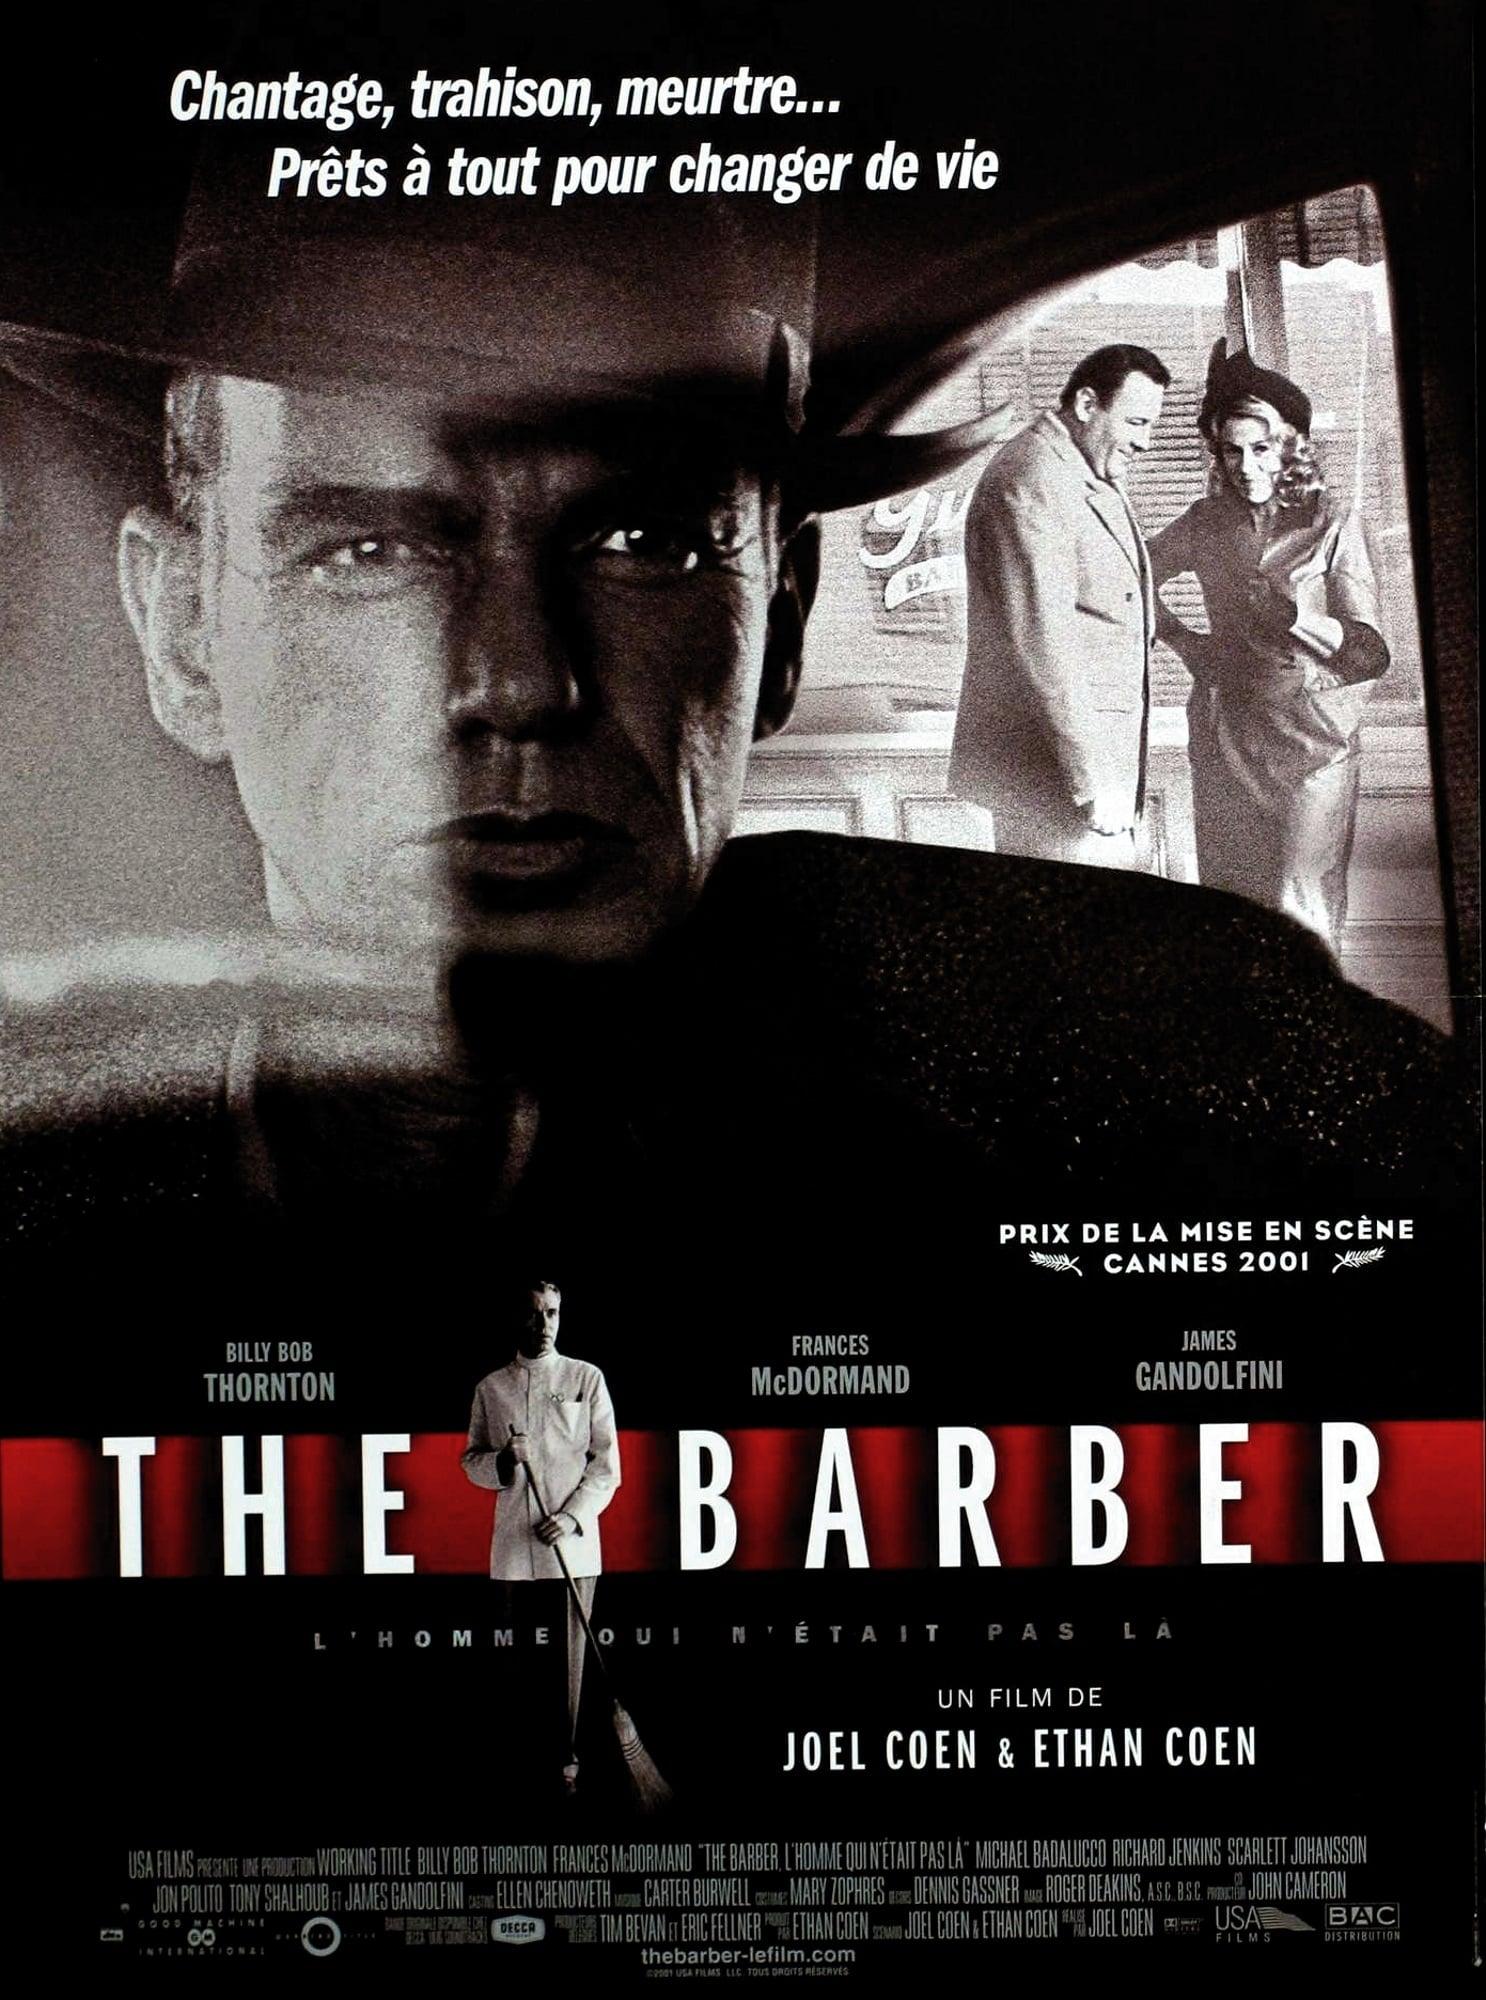 affiche du film The barber: l'homme qui n'était pas là